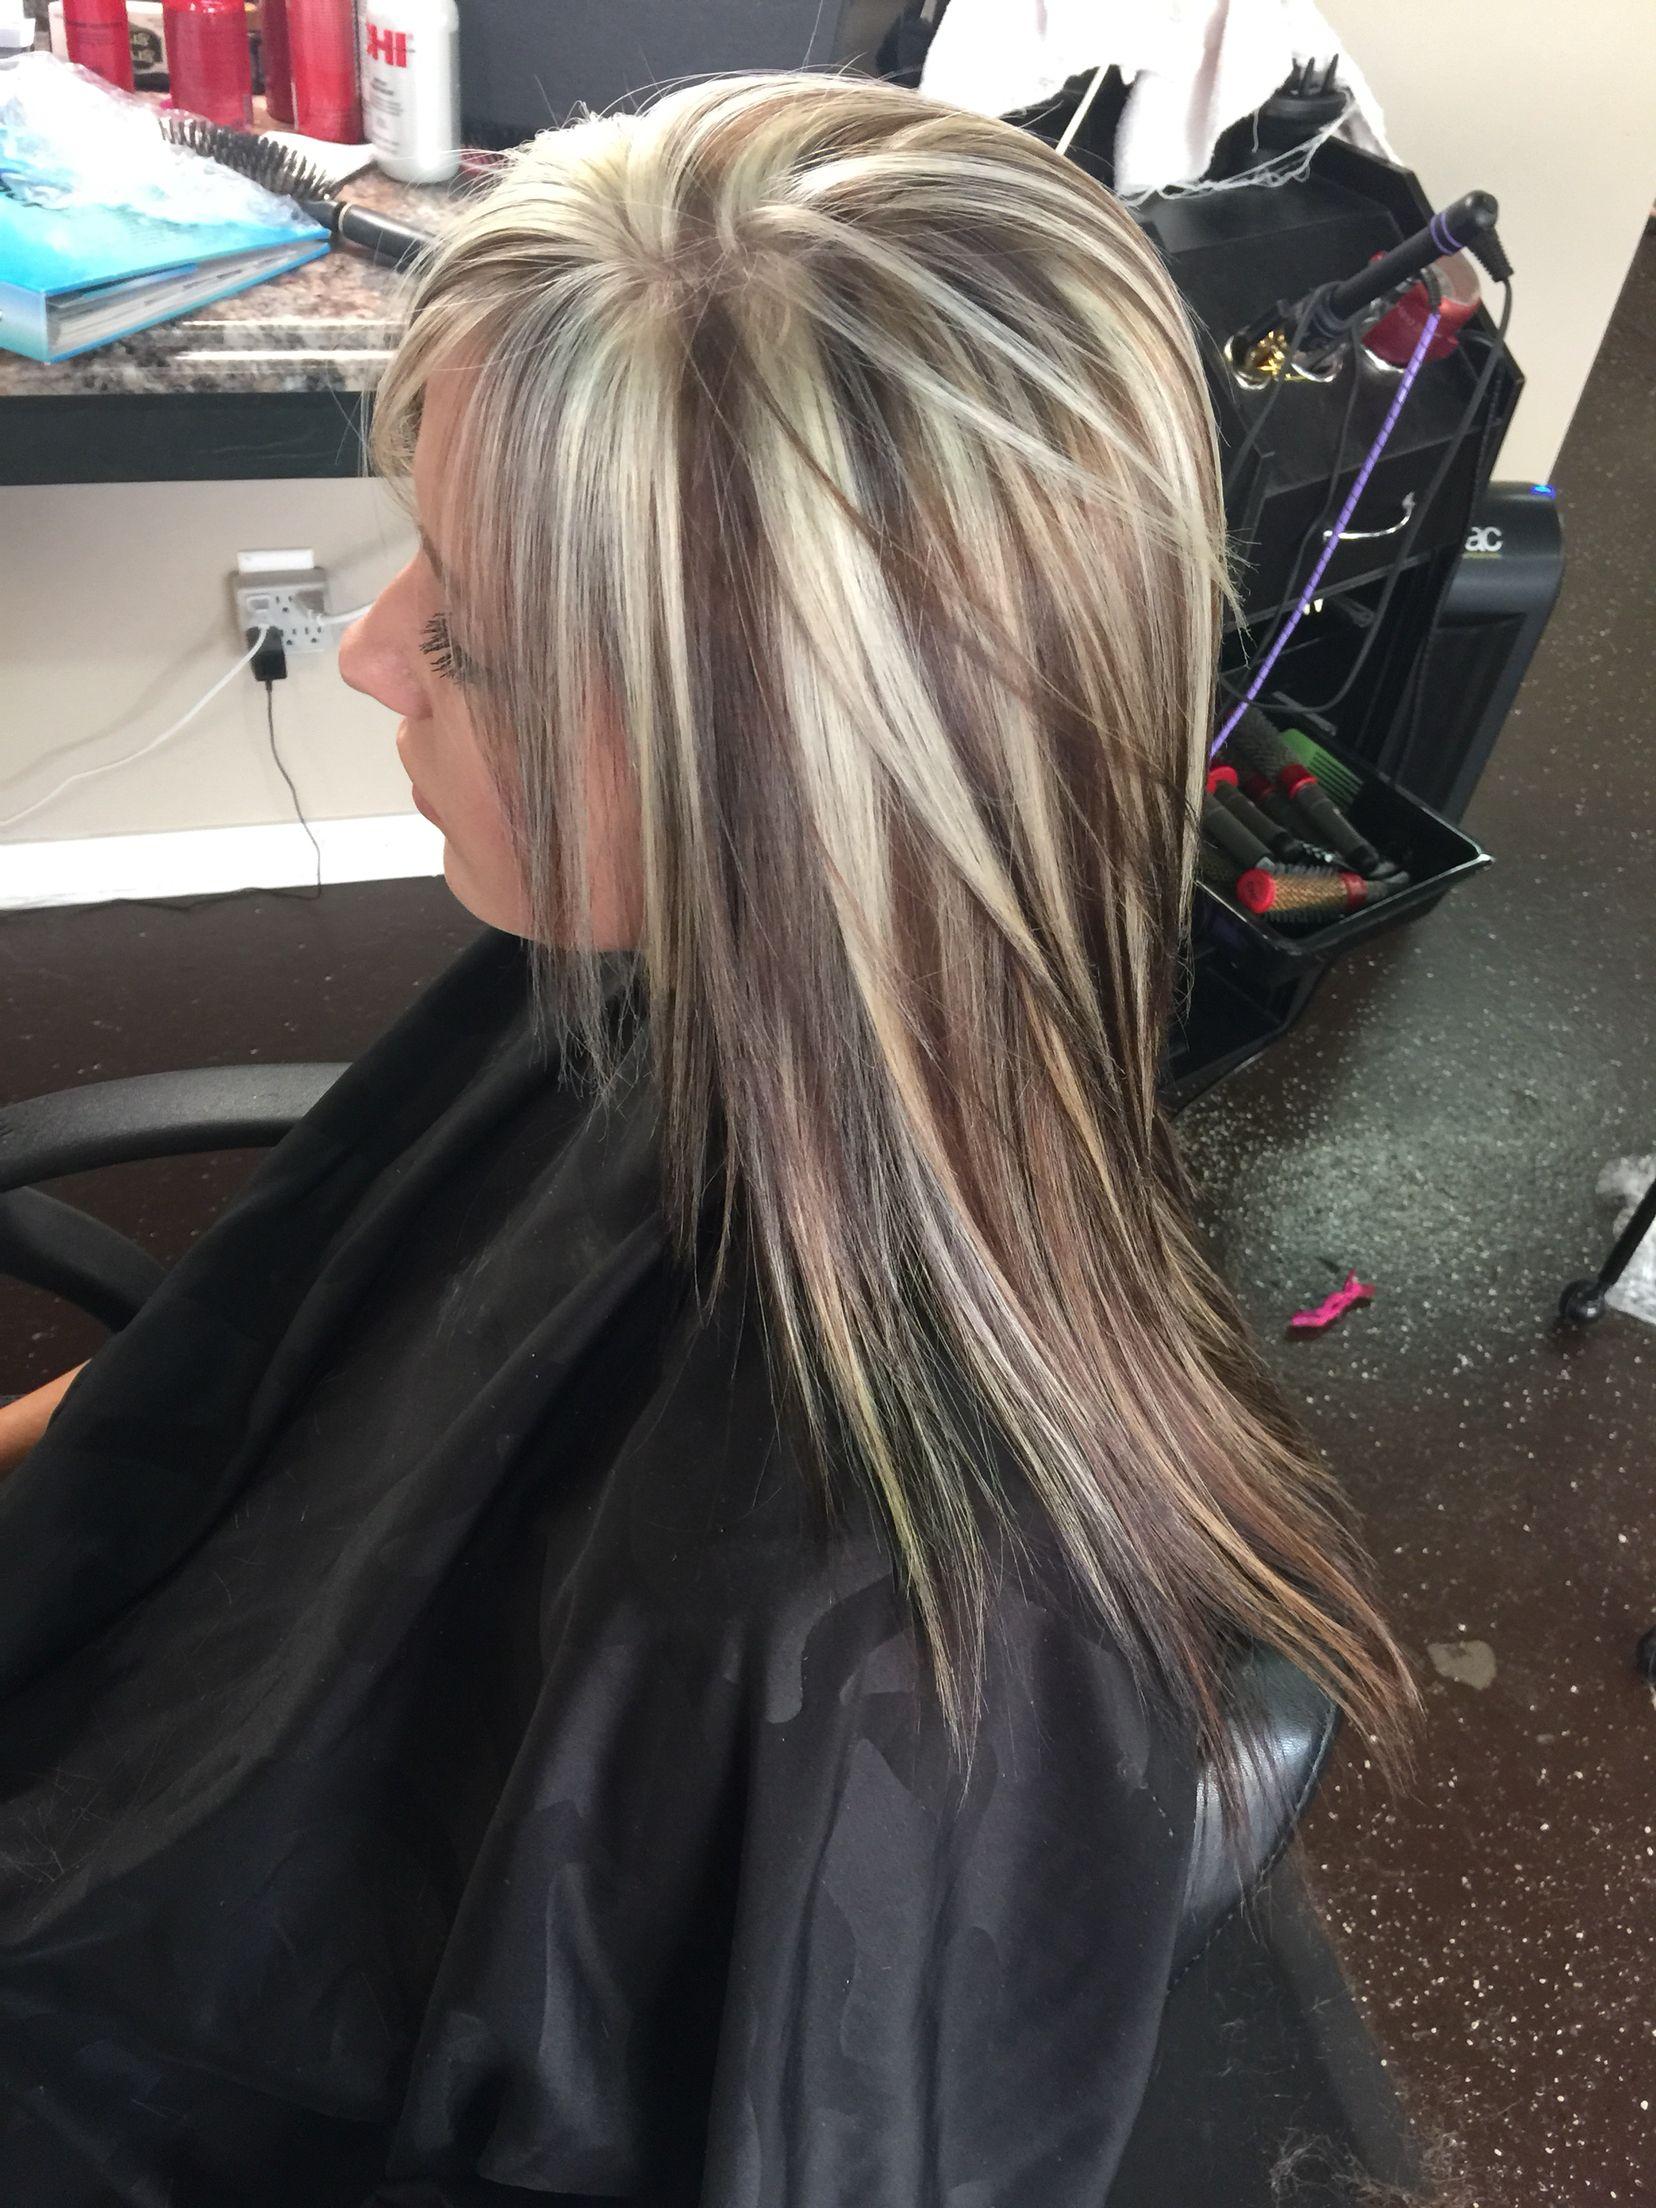 хлеб на светлые волосы темное мелирование фото приобрести